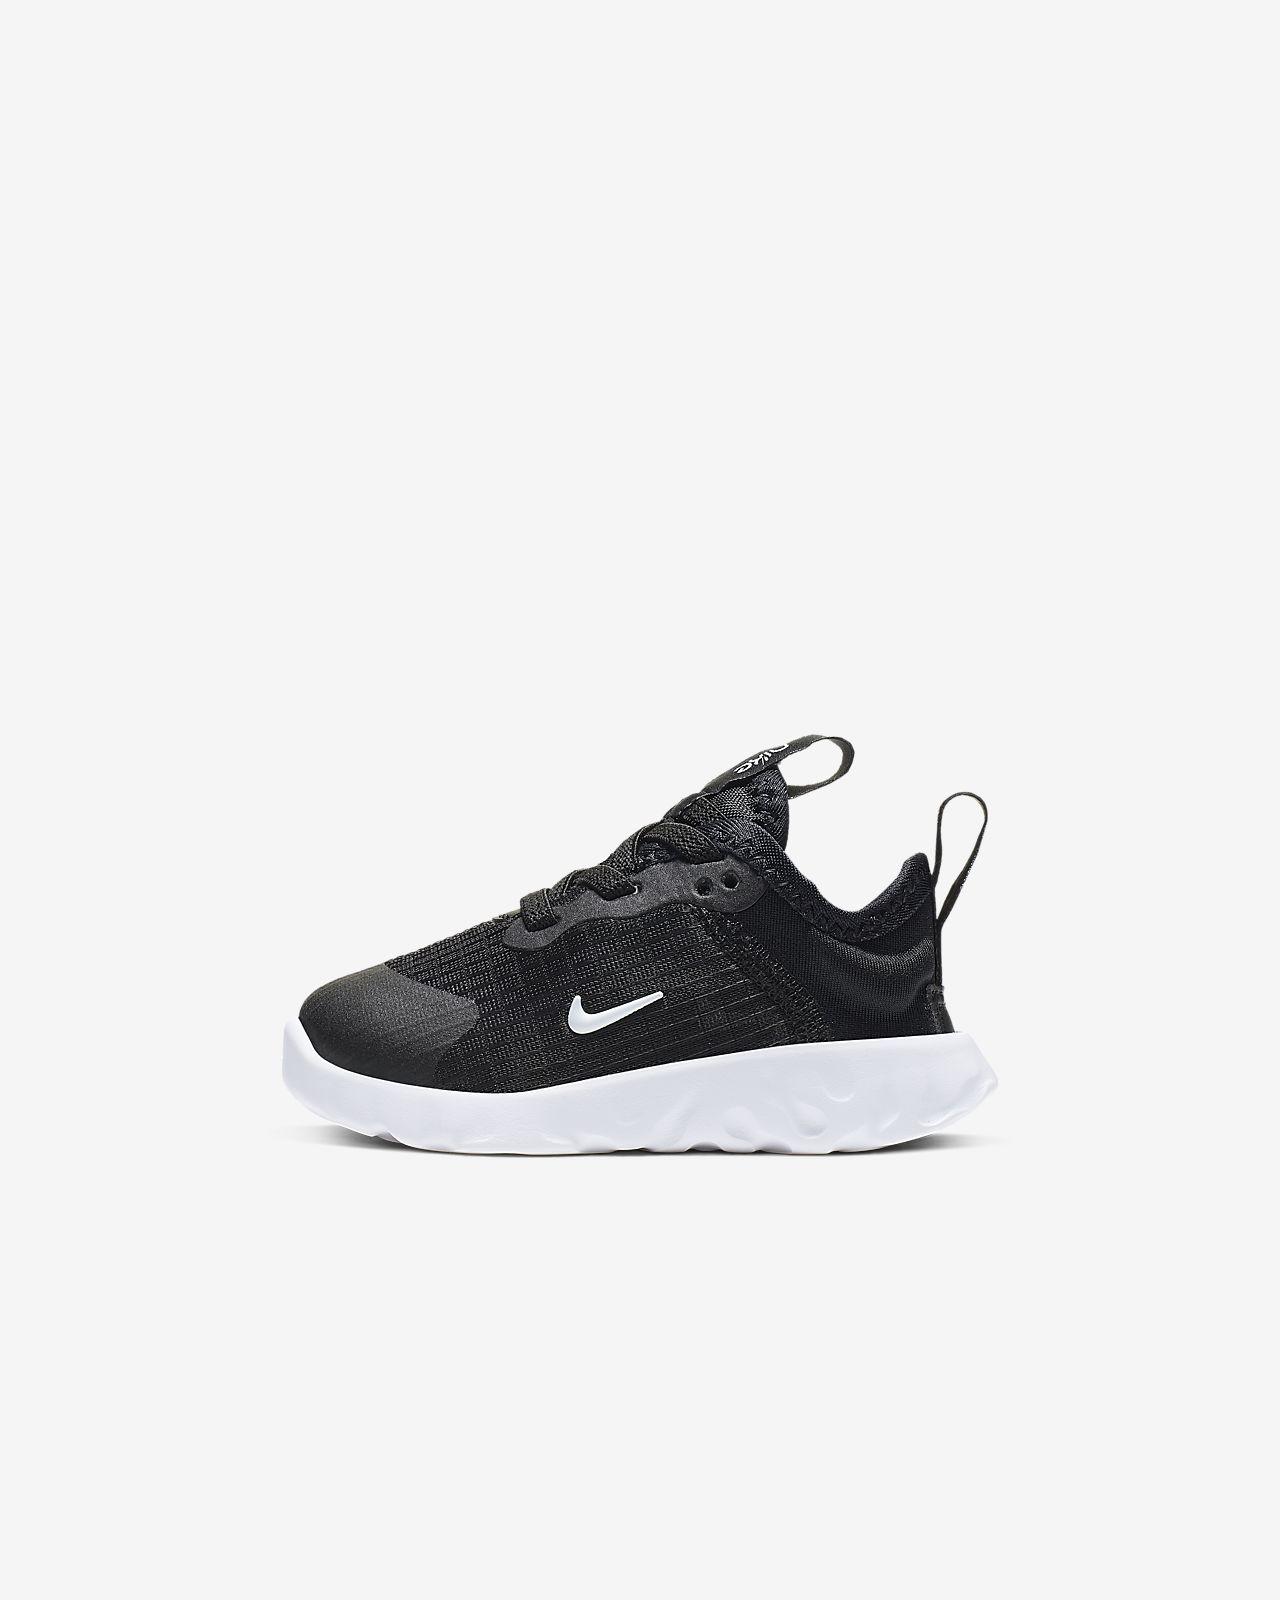 Buty dla niemowląt/maluchów Nike Lucent